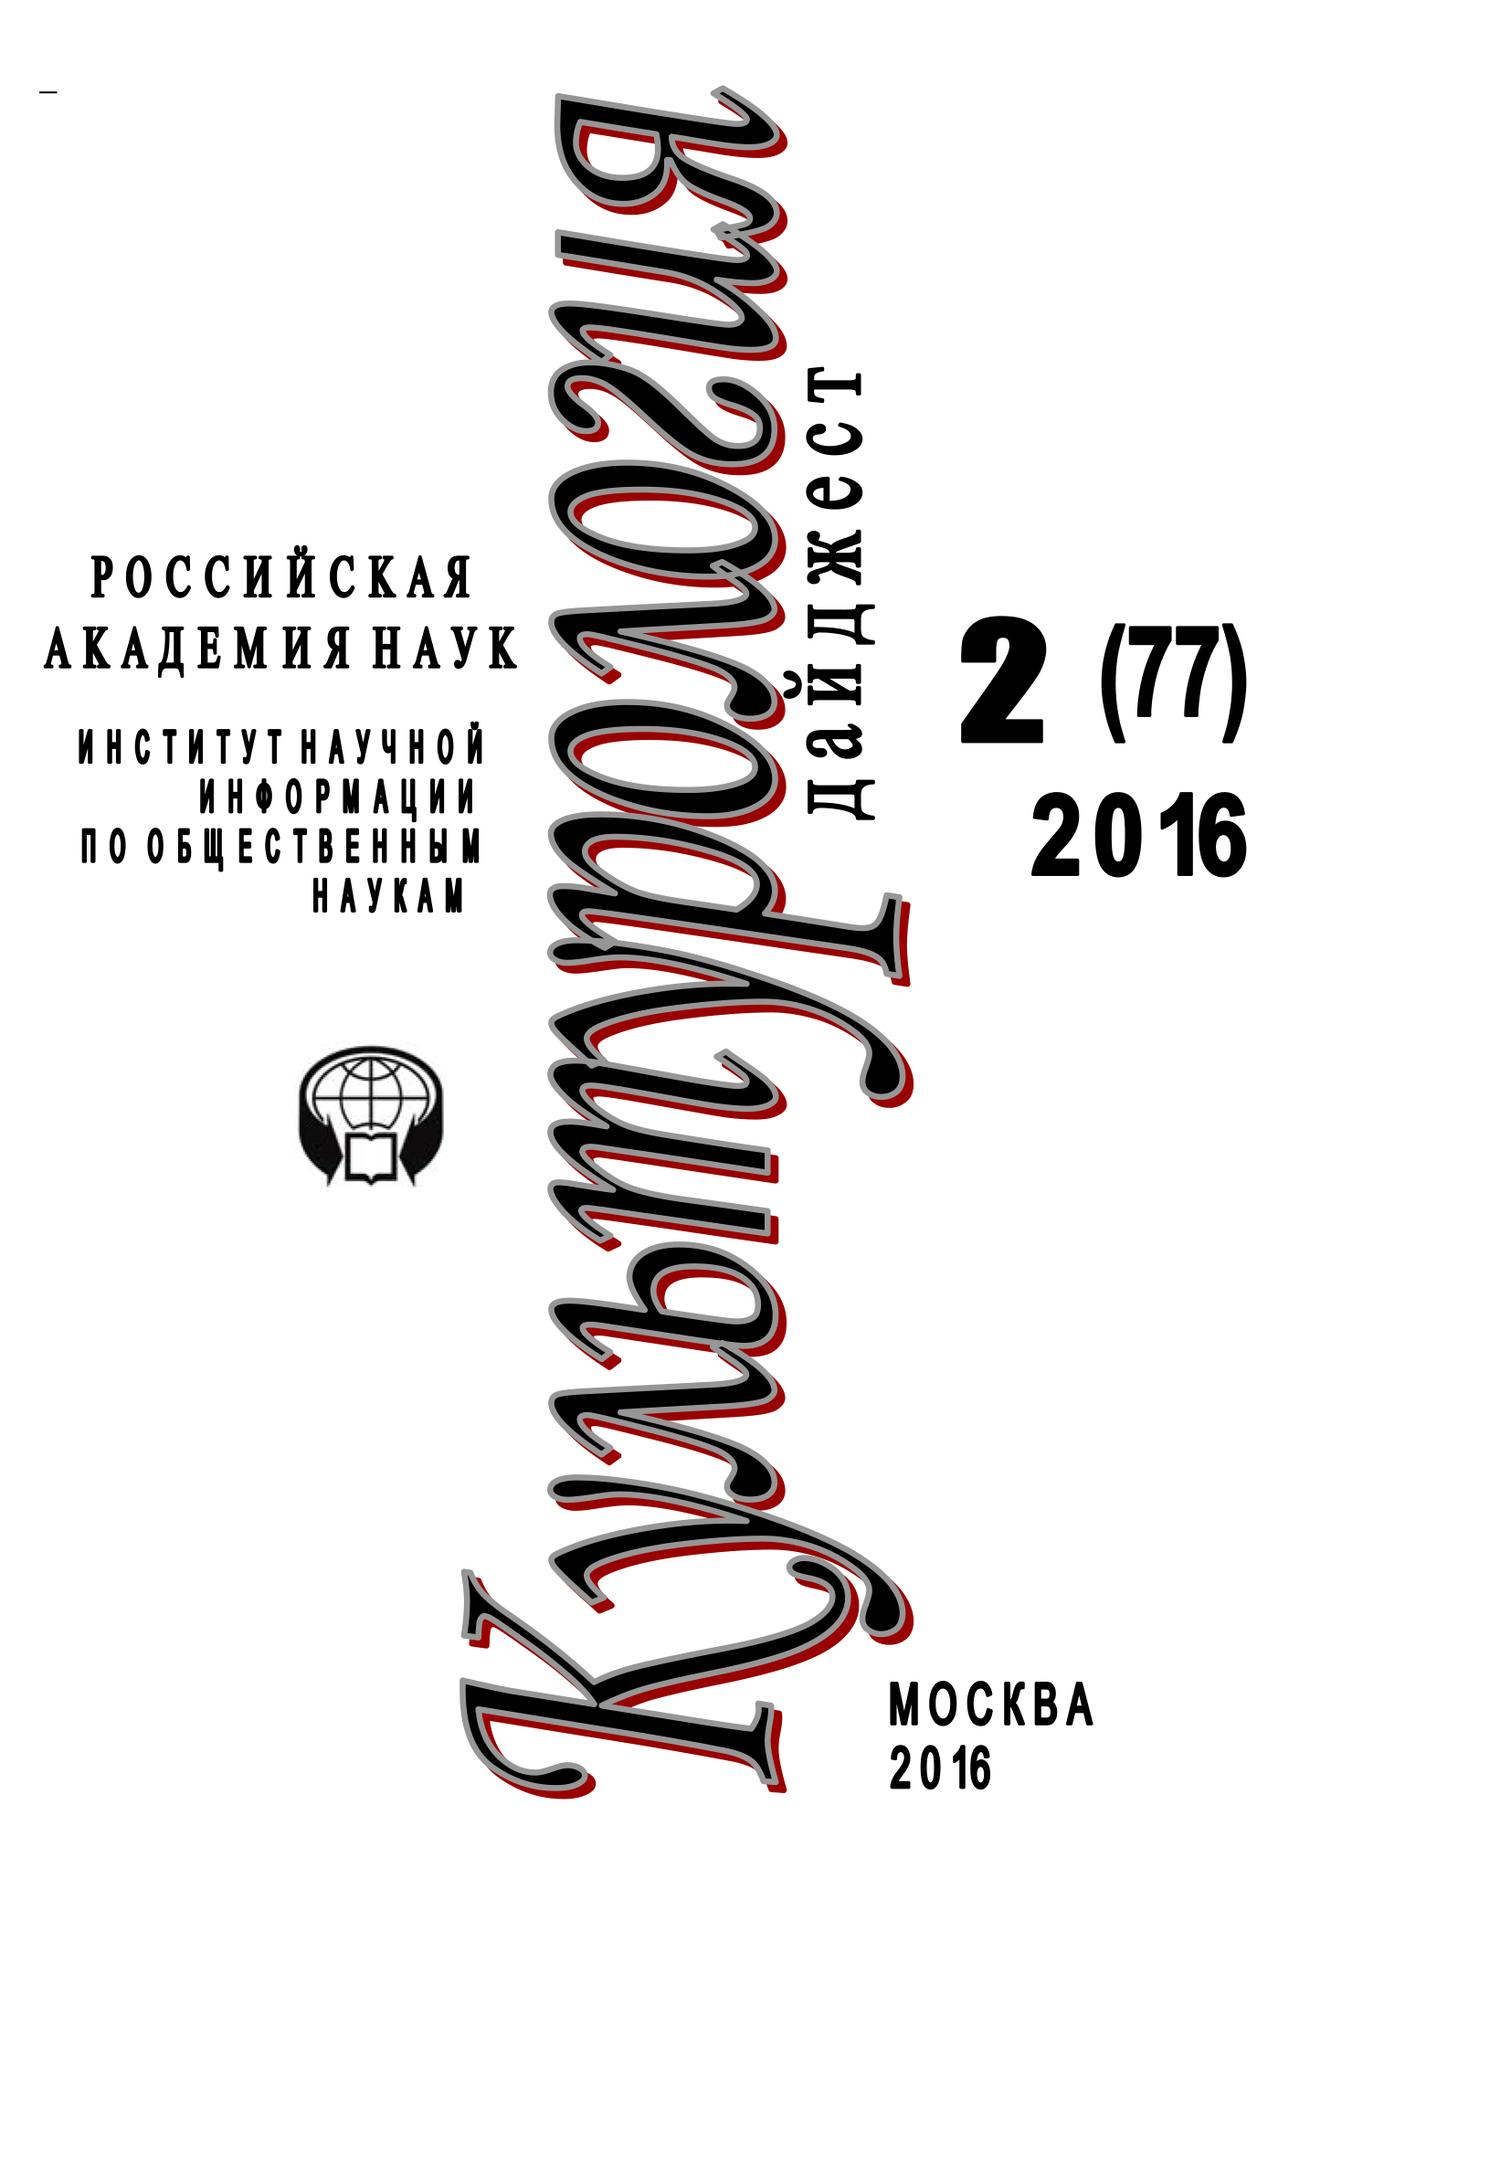 Ирина Галинская - Культурология. Дайджест №2 / 2016